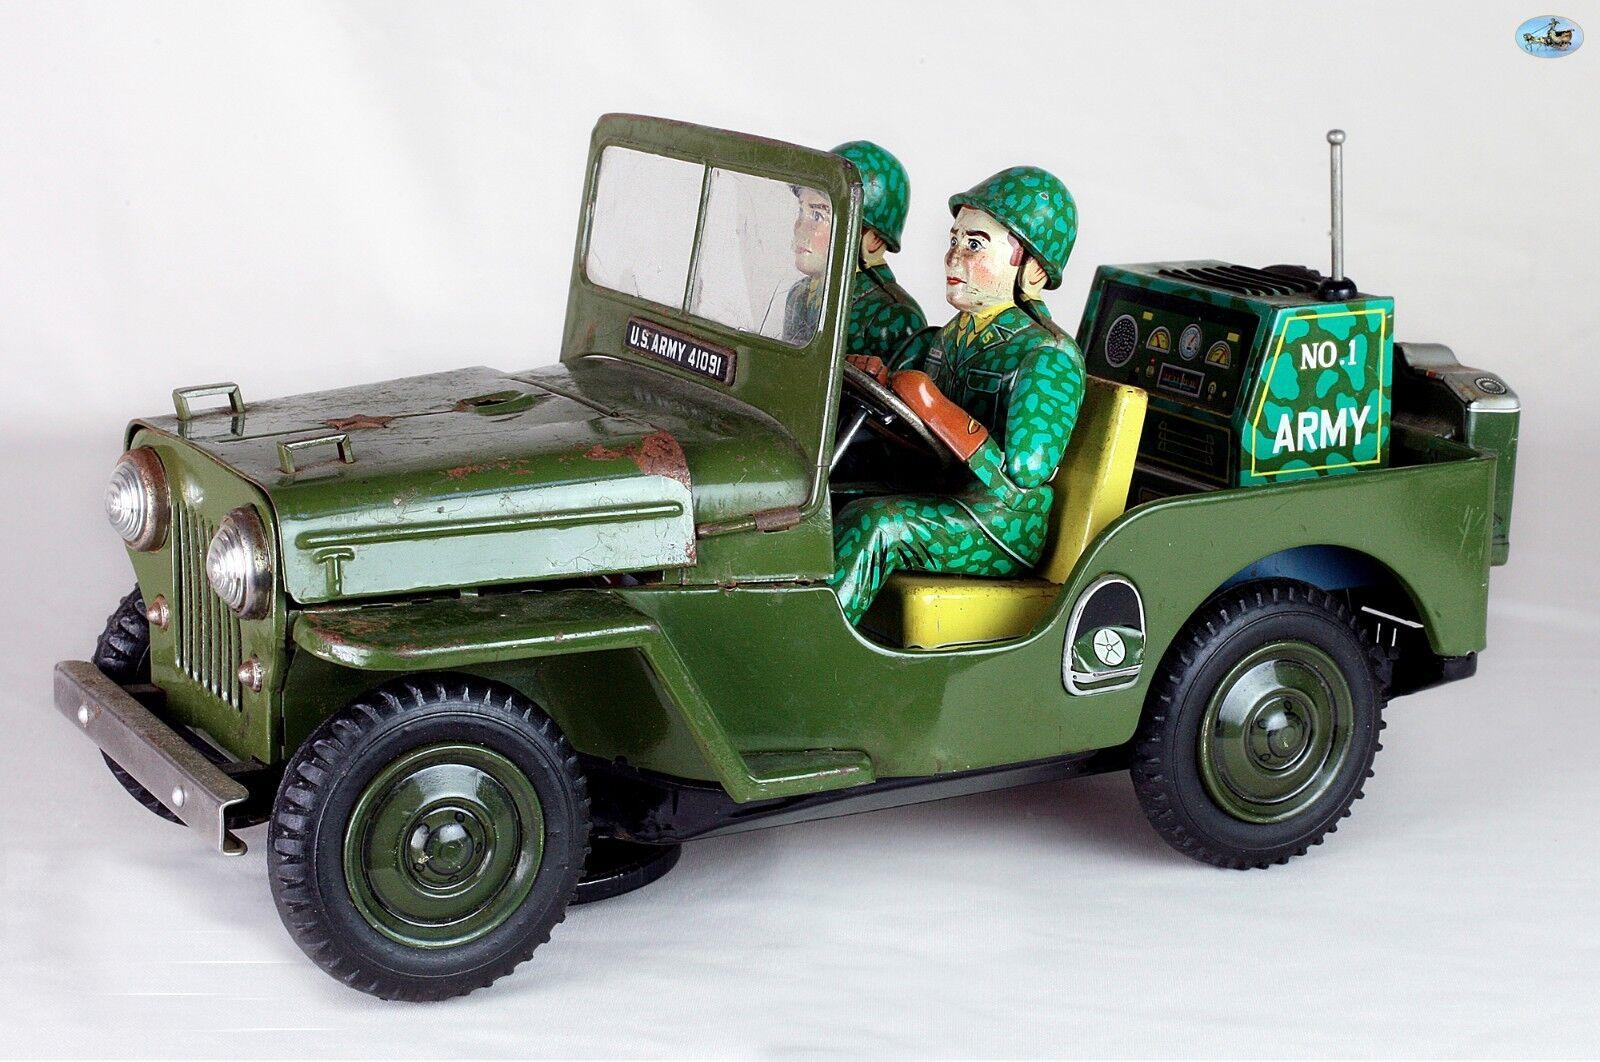 SUPERBE 1950 vintage japonais vert JEEP WILLYS Nº 1 soldats de l'armée jouet voiture